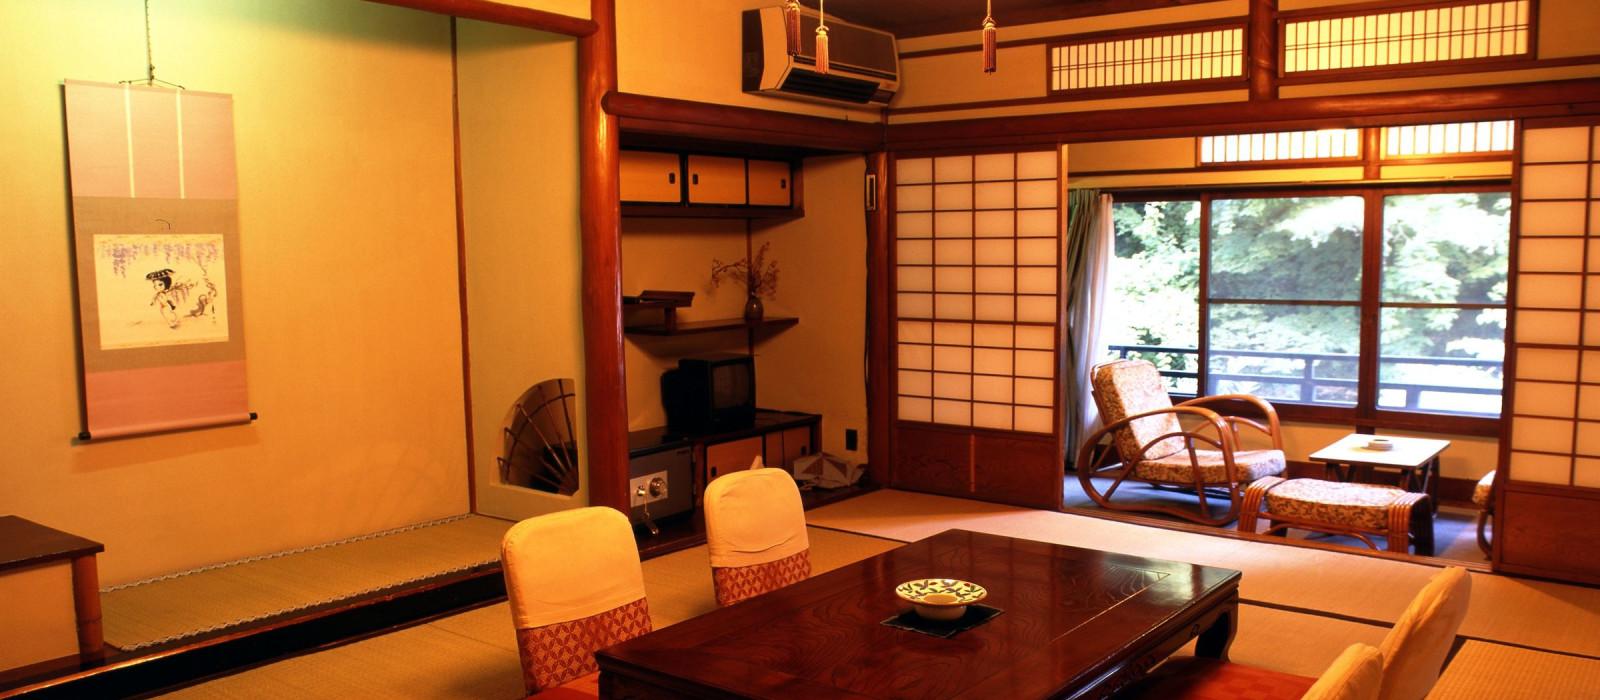 Hotel Tōnosawa Ichinoyu Honkan Ryokan Japan